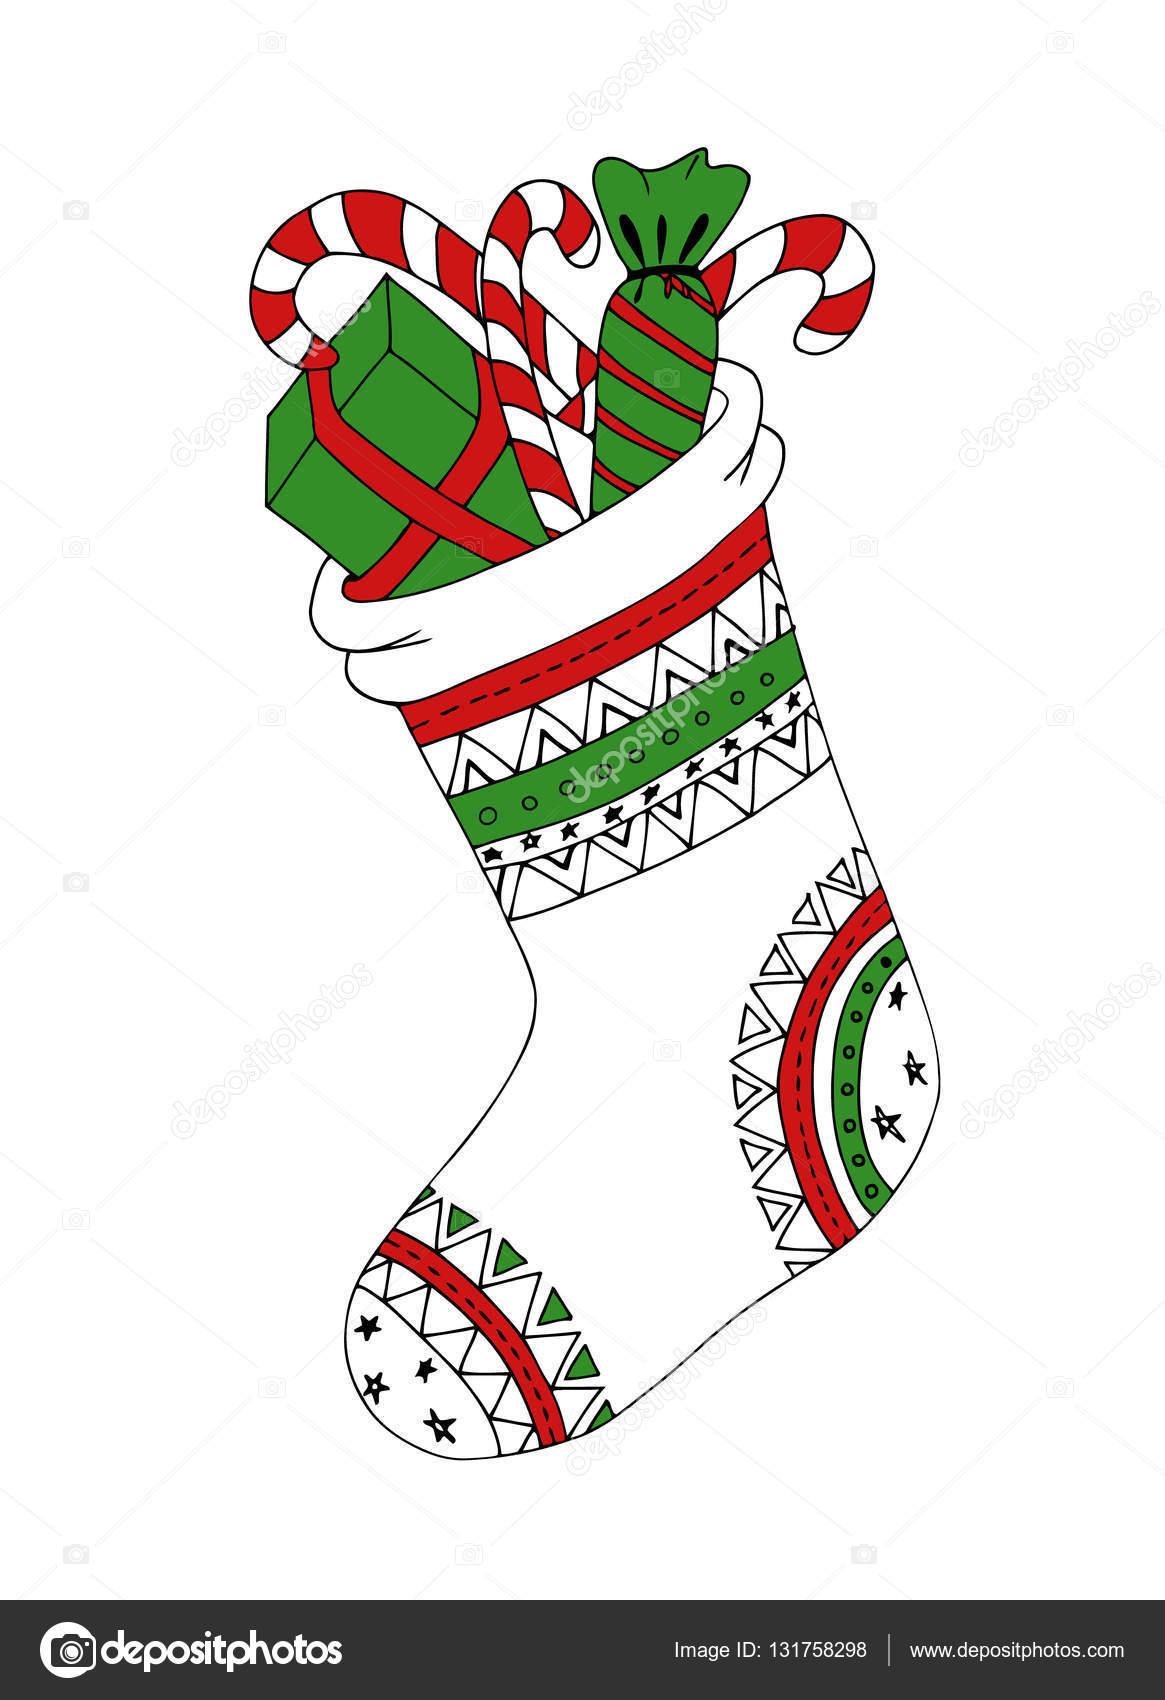 Disegni Di Natale Vettoriali.Doodle Schizzo Di Disegno Zentangle Calza Di Natale